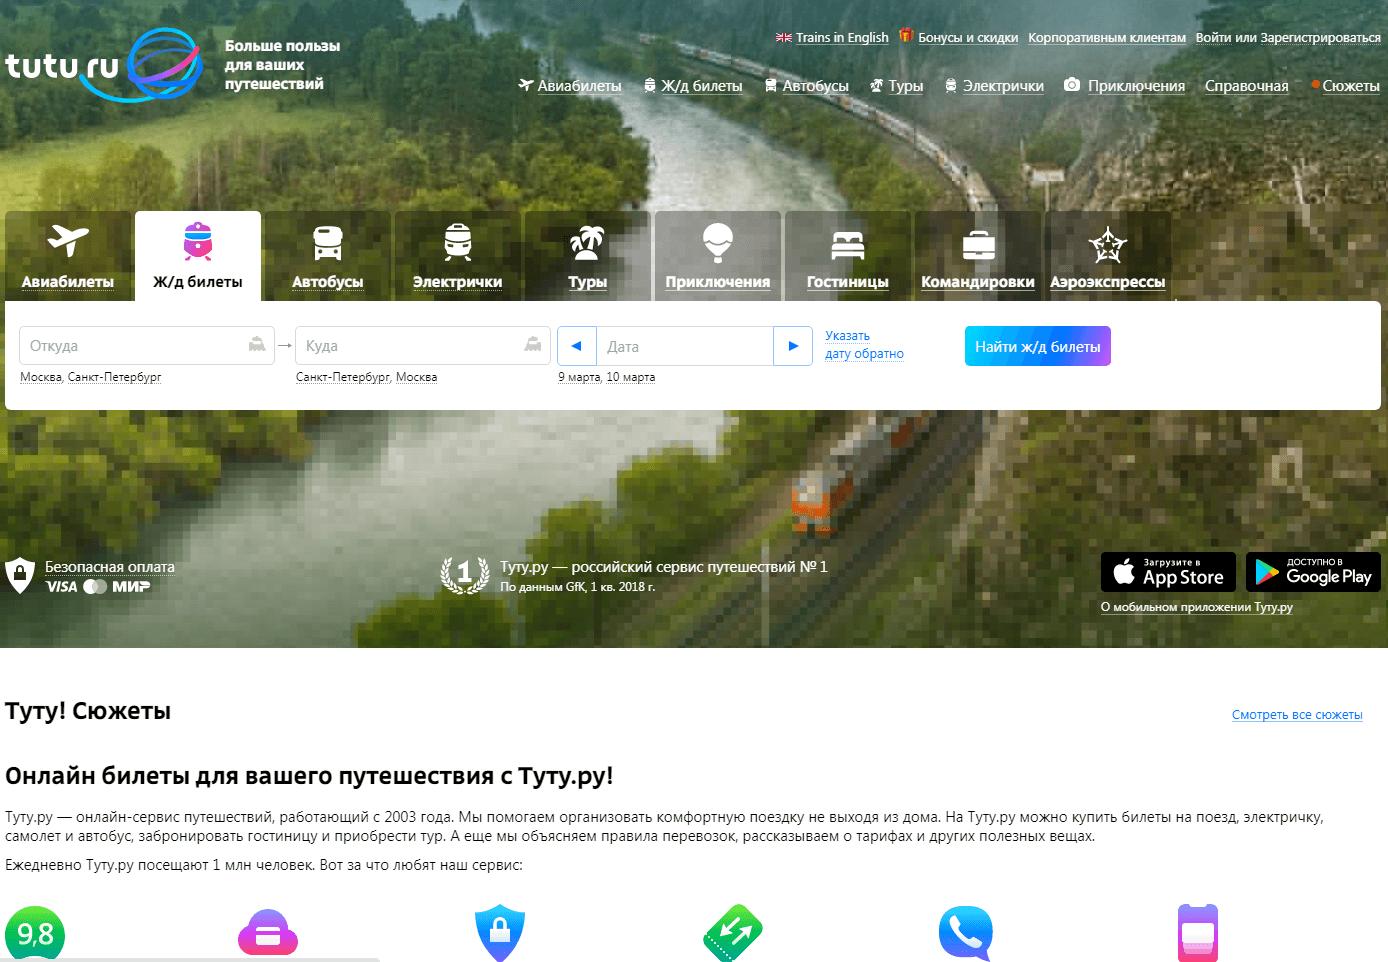 tutu.ru website